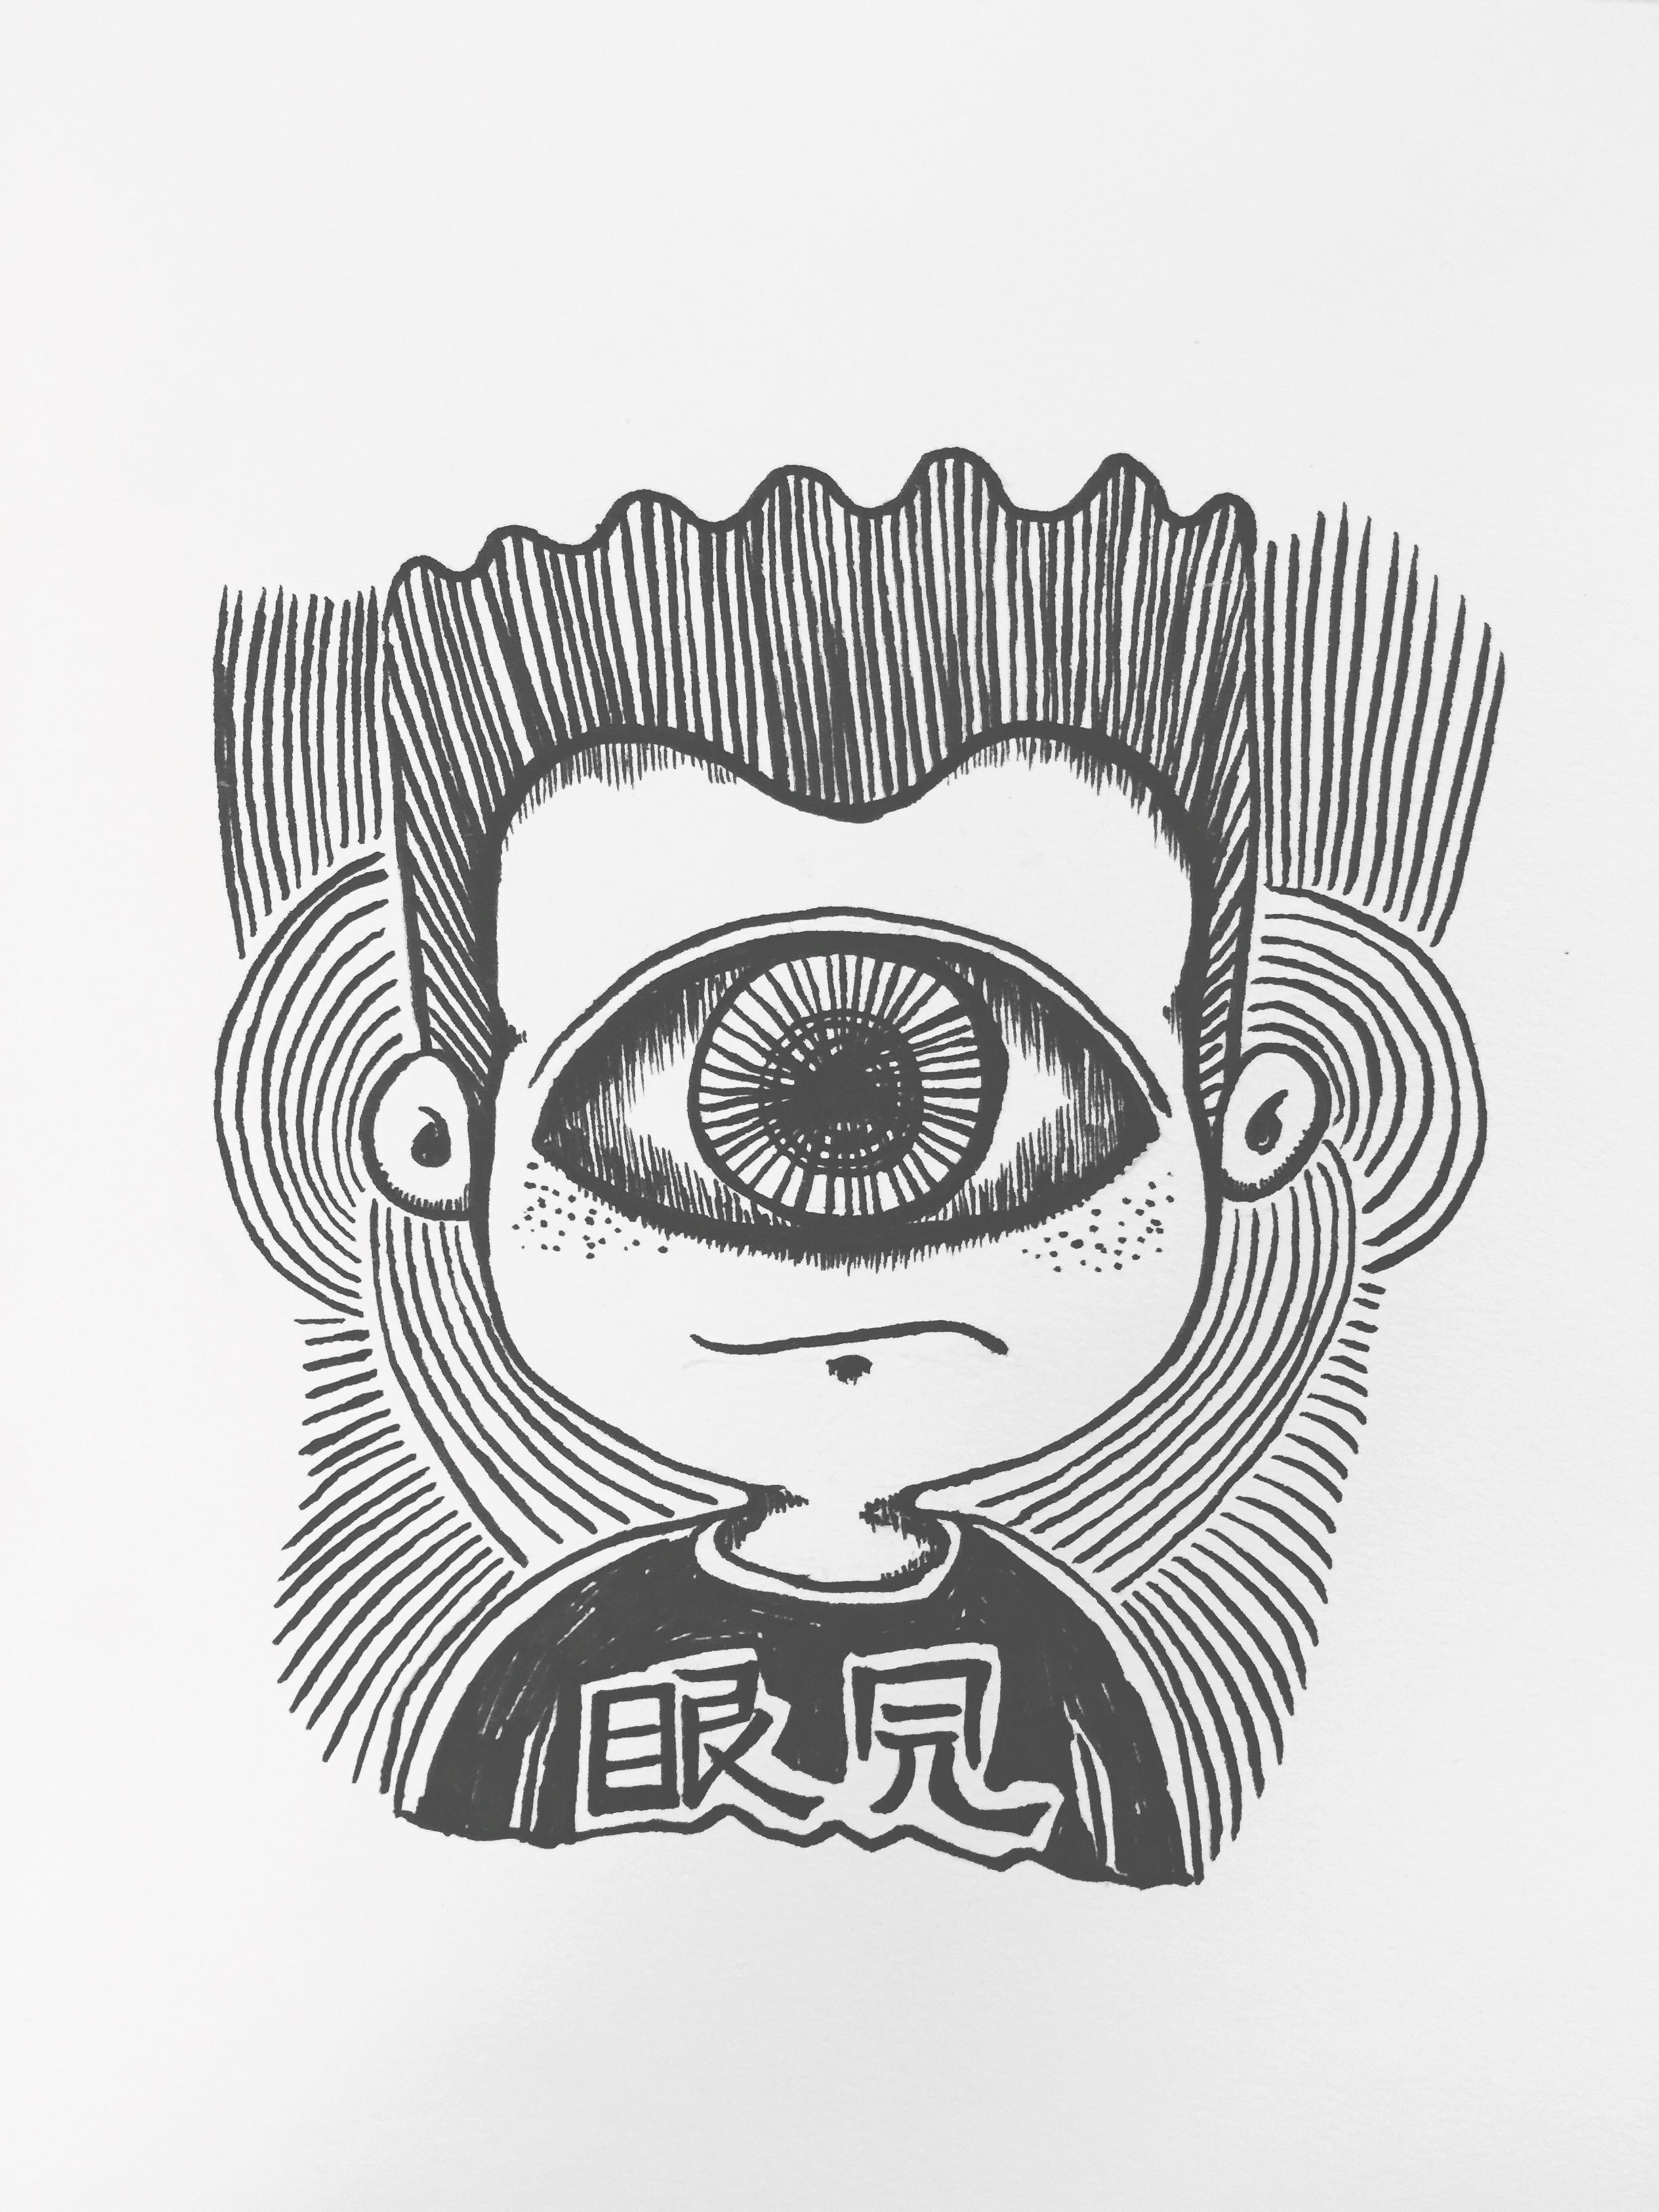 眼口鼻耳图片